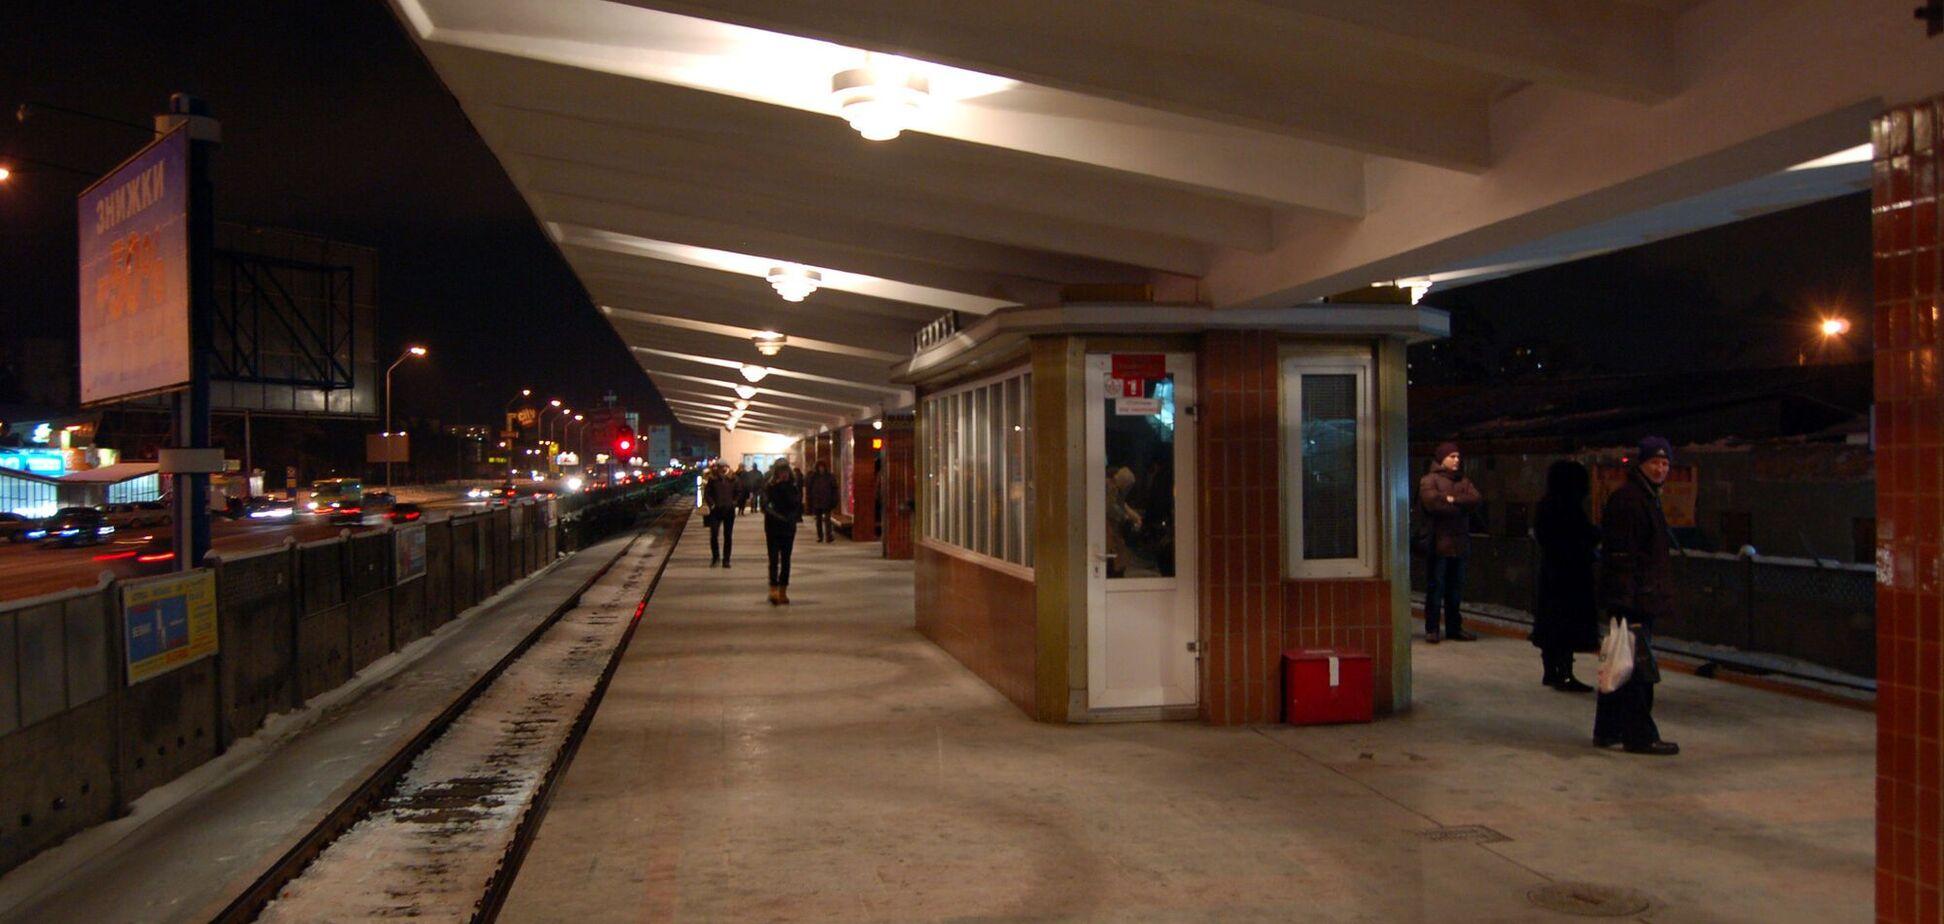 Второй вестибюль у станции появился только в 2006 году